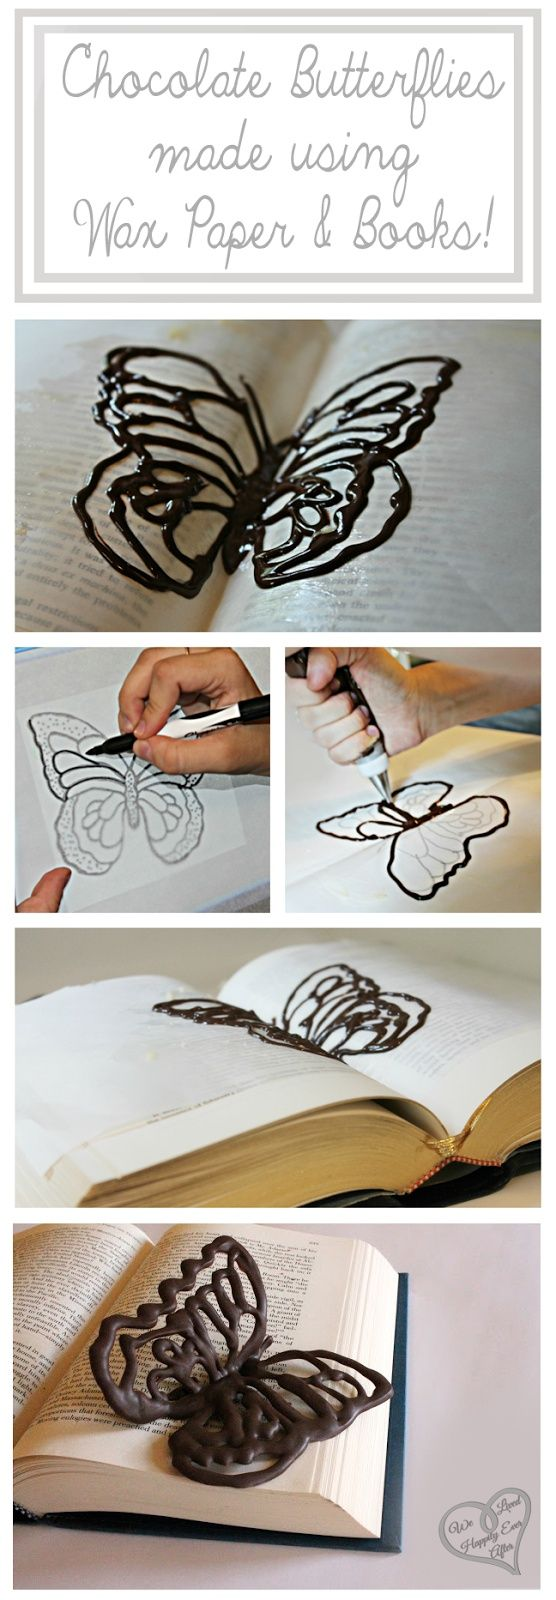 Chocolate Butterflies